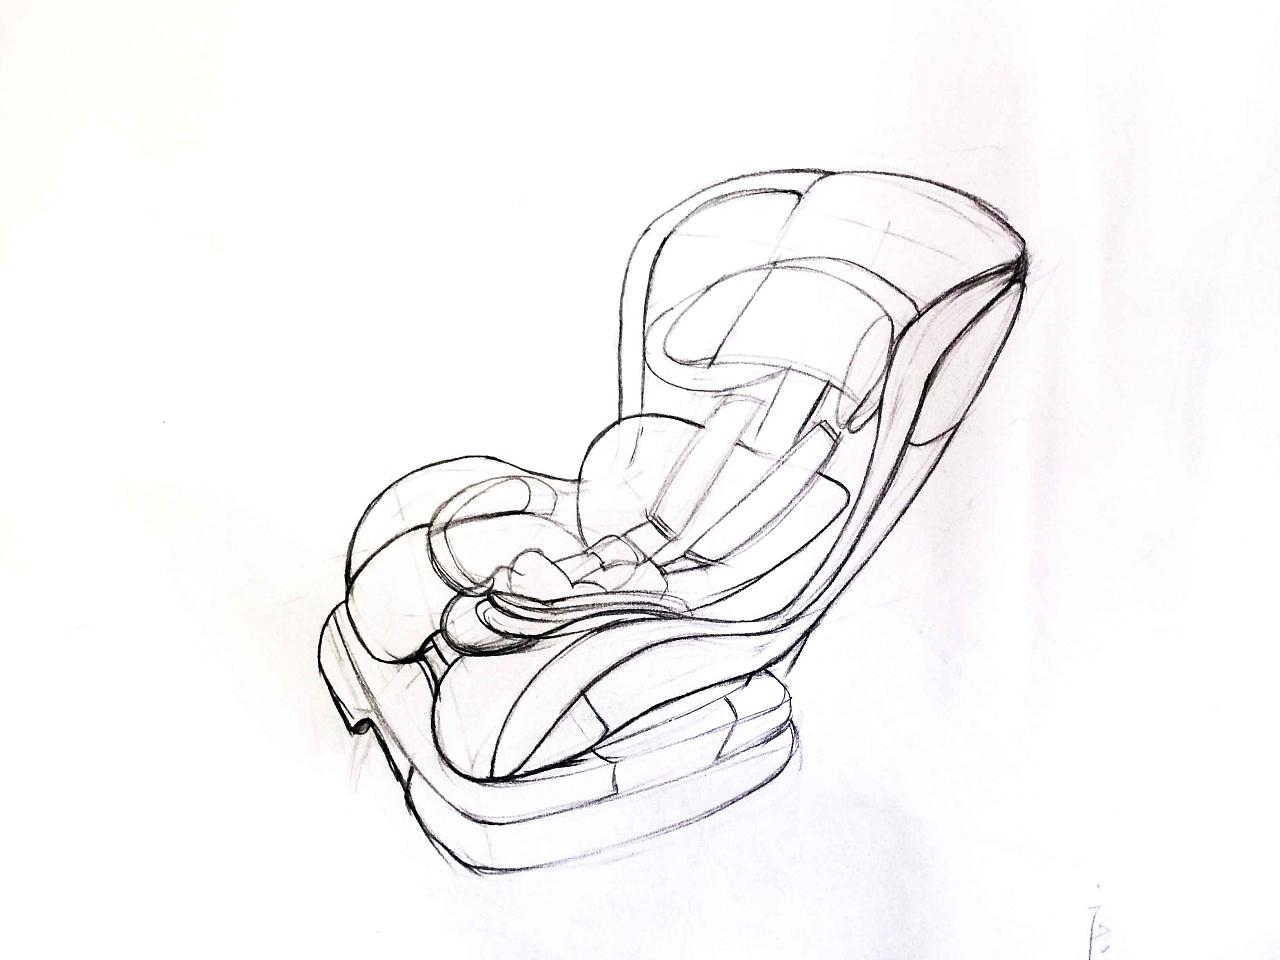 安全座椅手绘